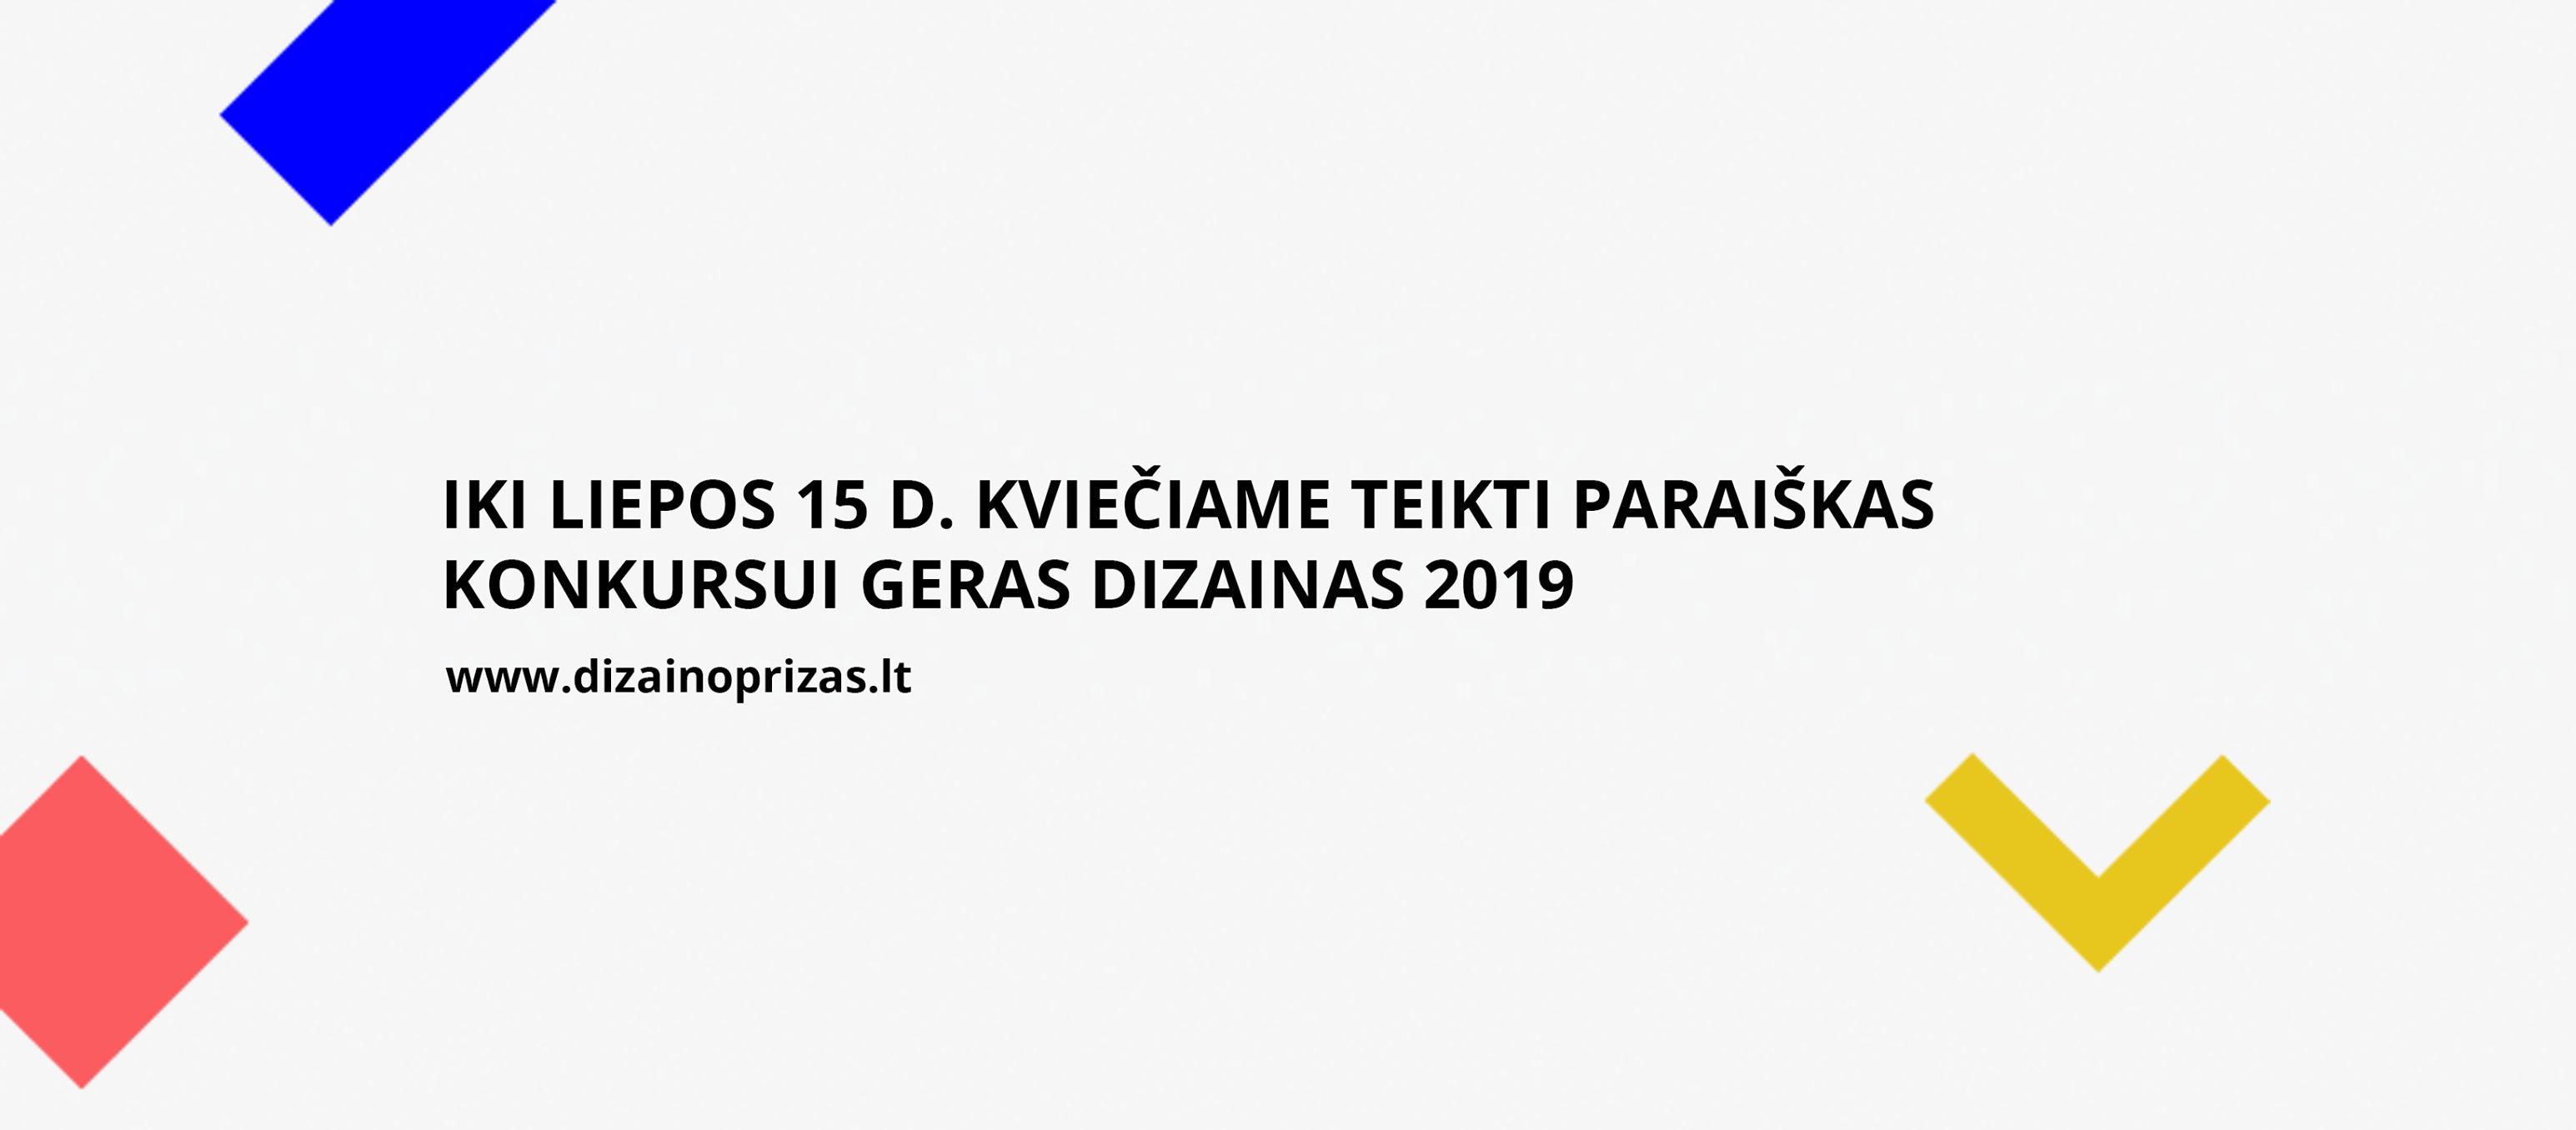 Nacionalinis konkursas GERAS DIZAINAS 2019 kviečia teikti dalyvių paraiškas